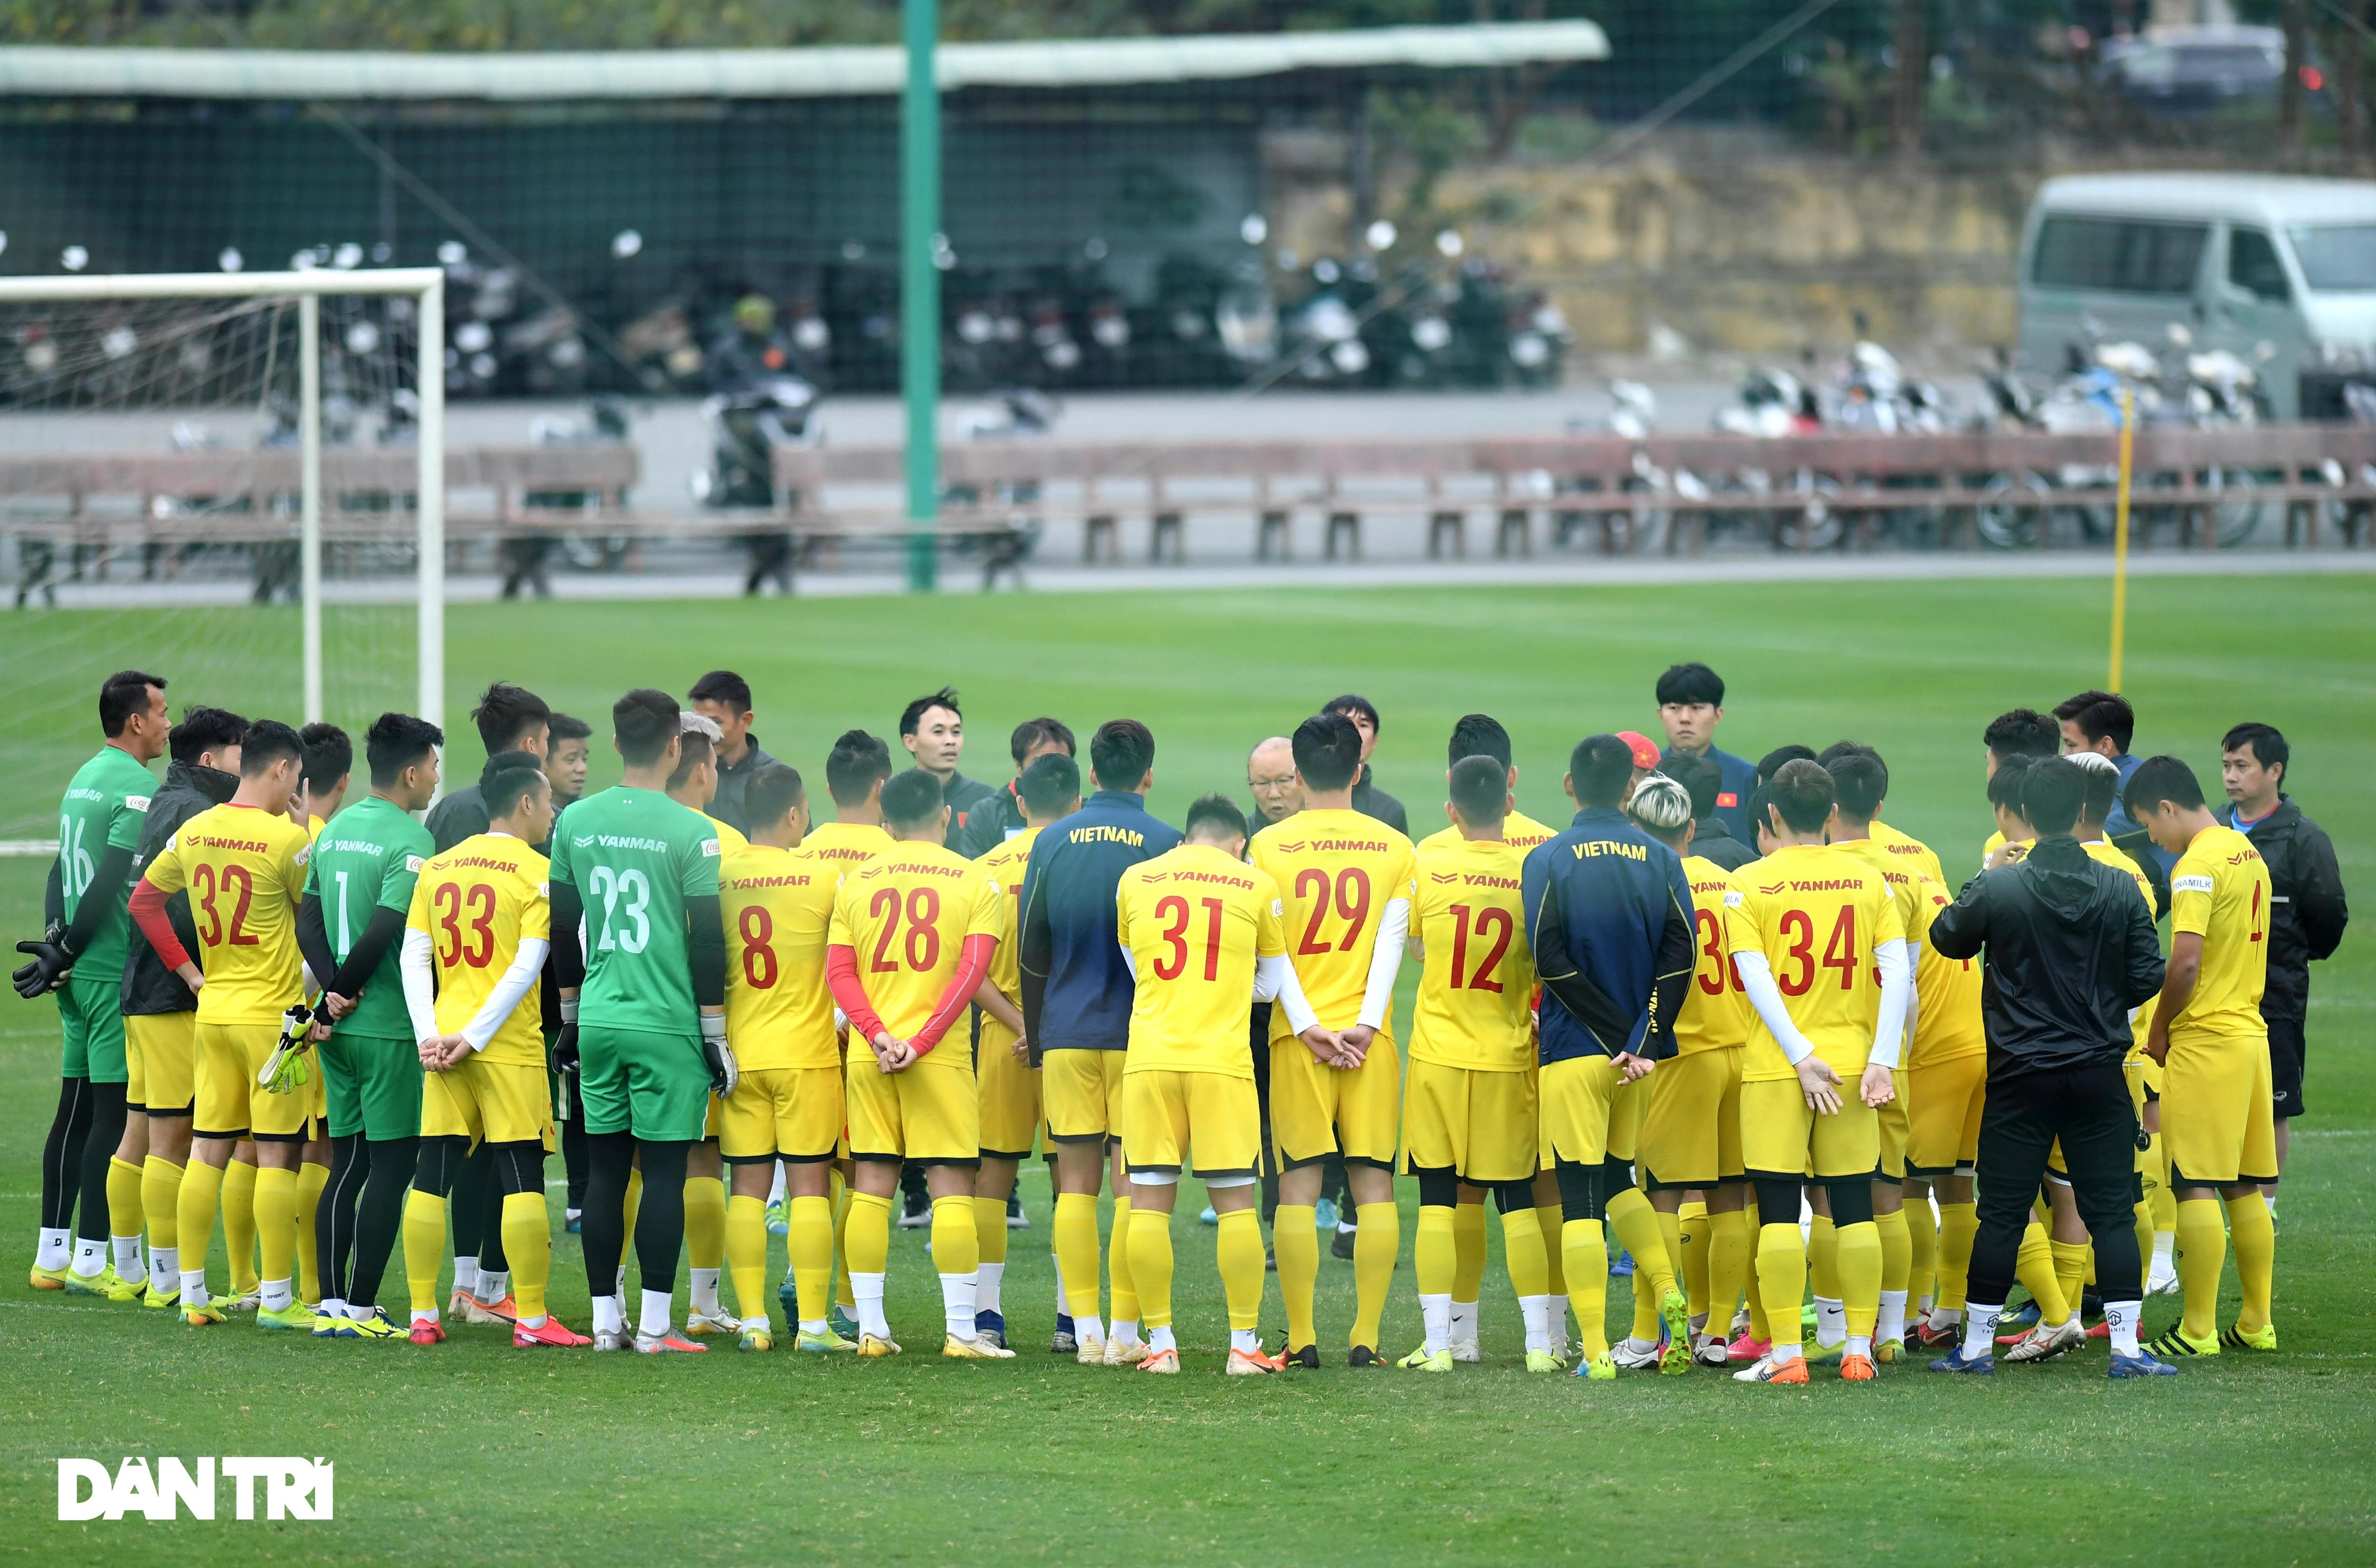 Đội tuyển Việt Nam luyện công trong giá lạnh tại Hà Nội - 1